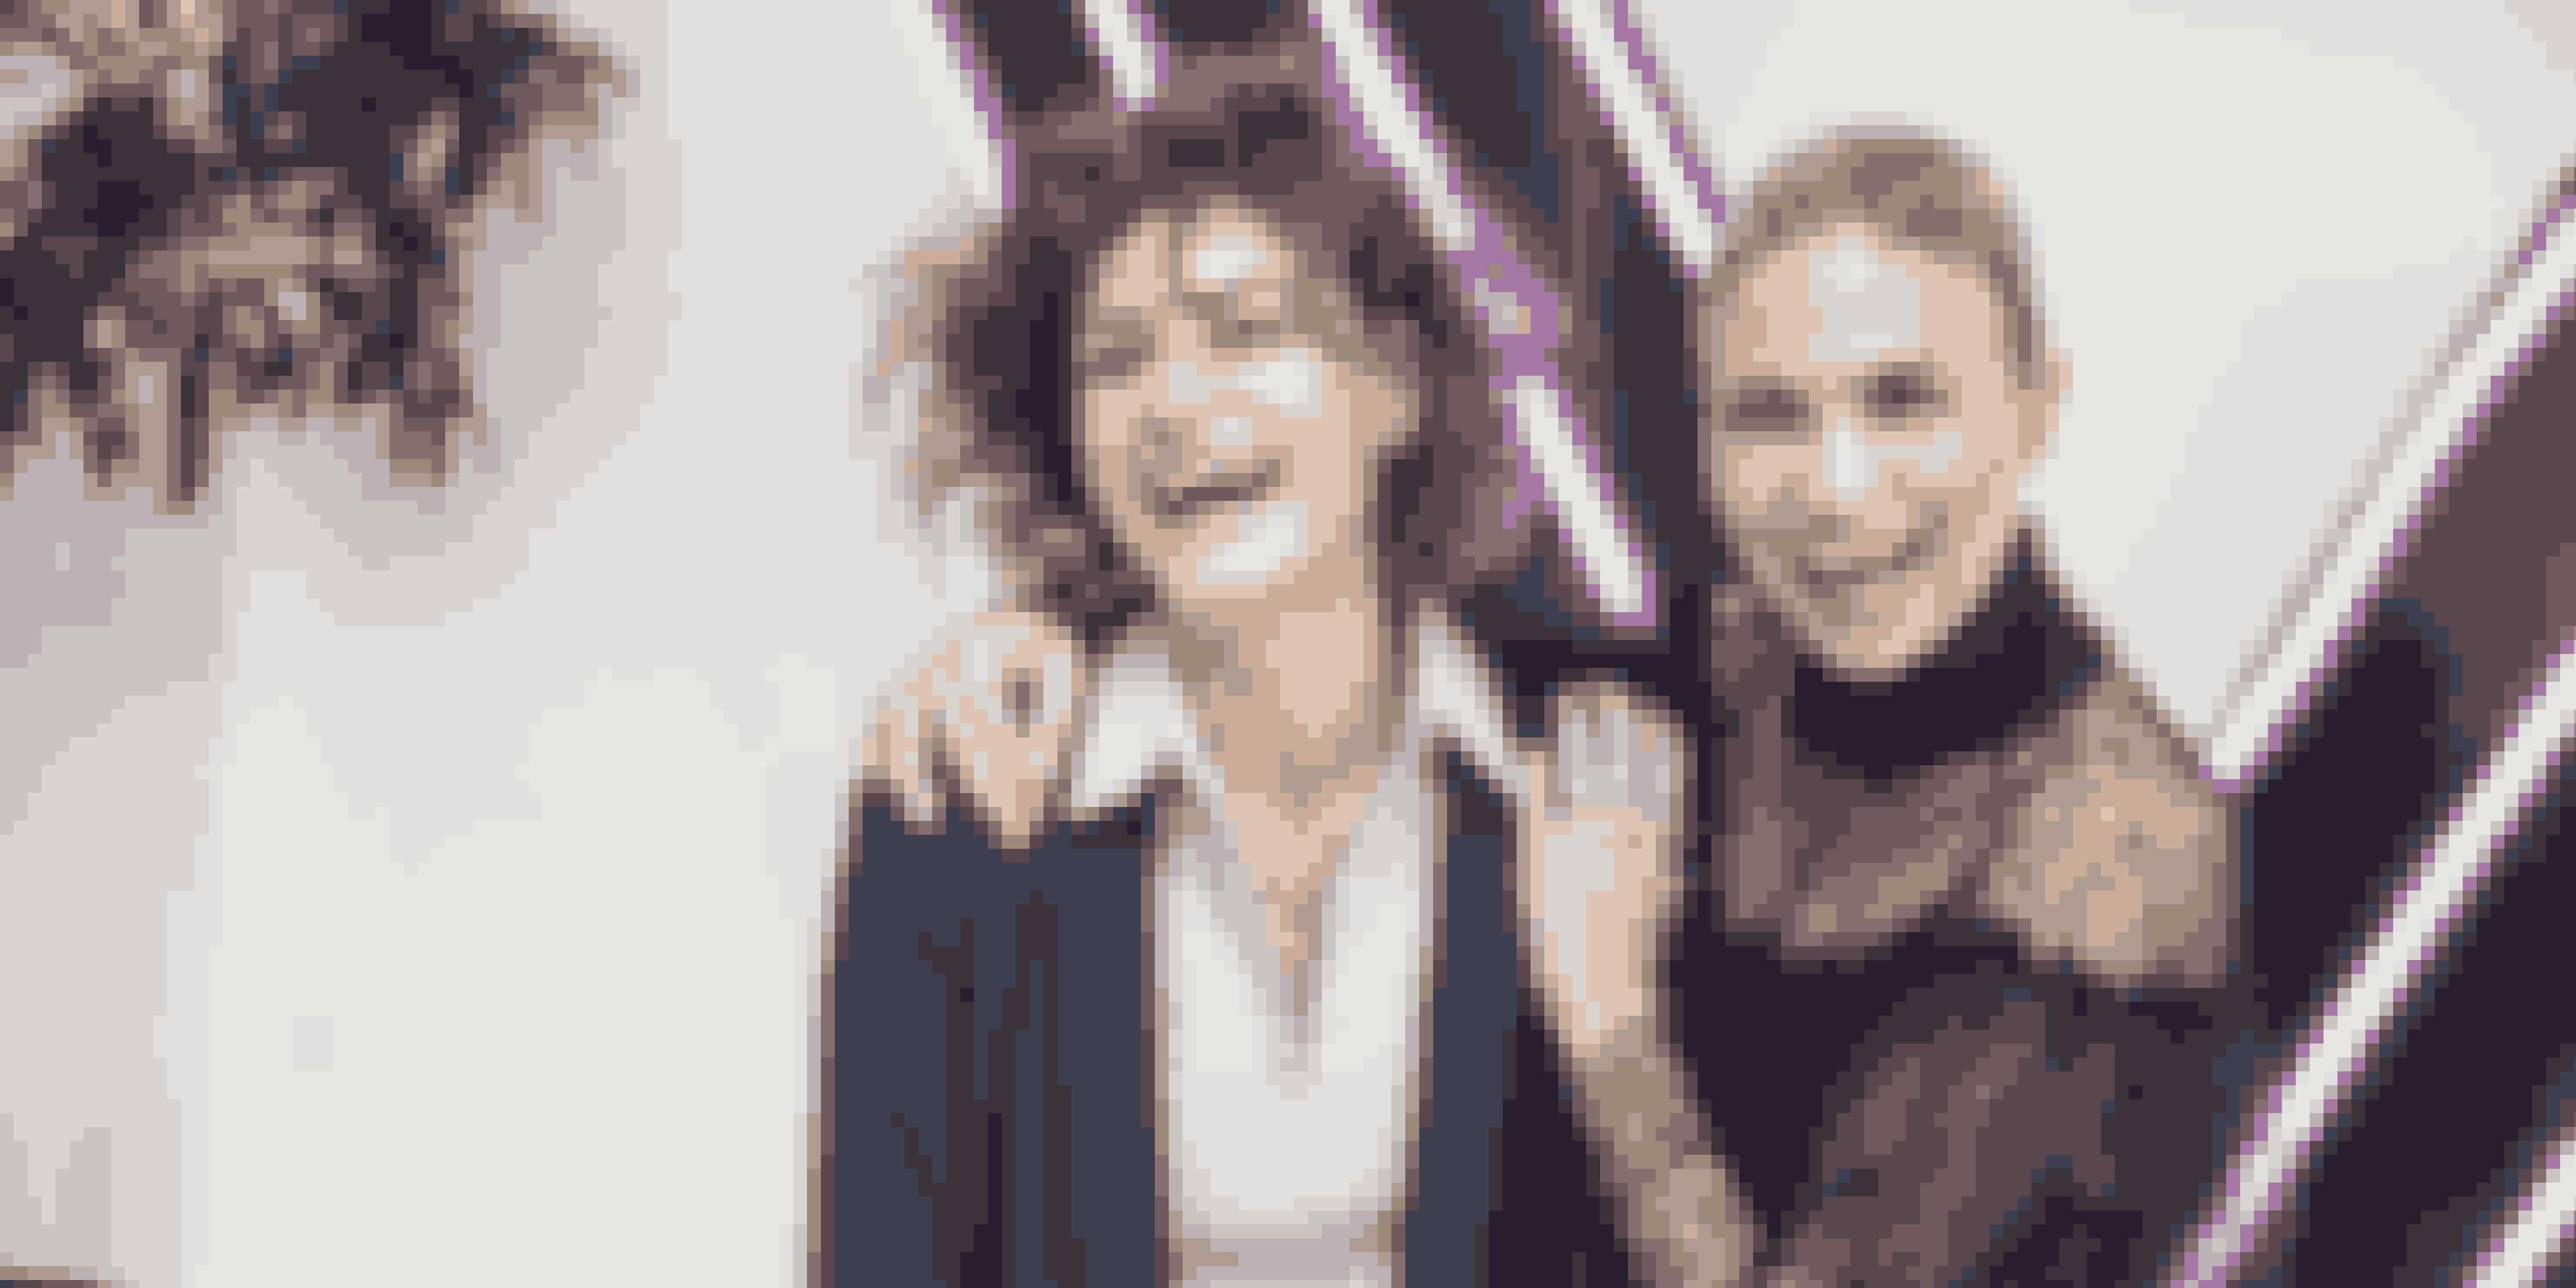 For første gang skal 'Vild med dans' ledes af et kvindeligt værtspar til efteråret – Sarah Grünewald og Christiane Schaumburg-Müller.